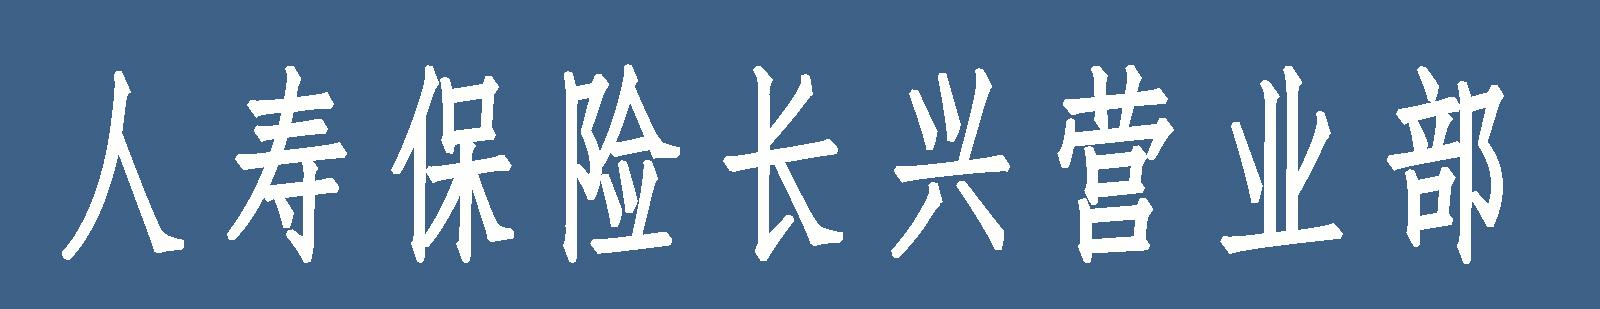 中��人�郾kU�L�d支公司